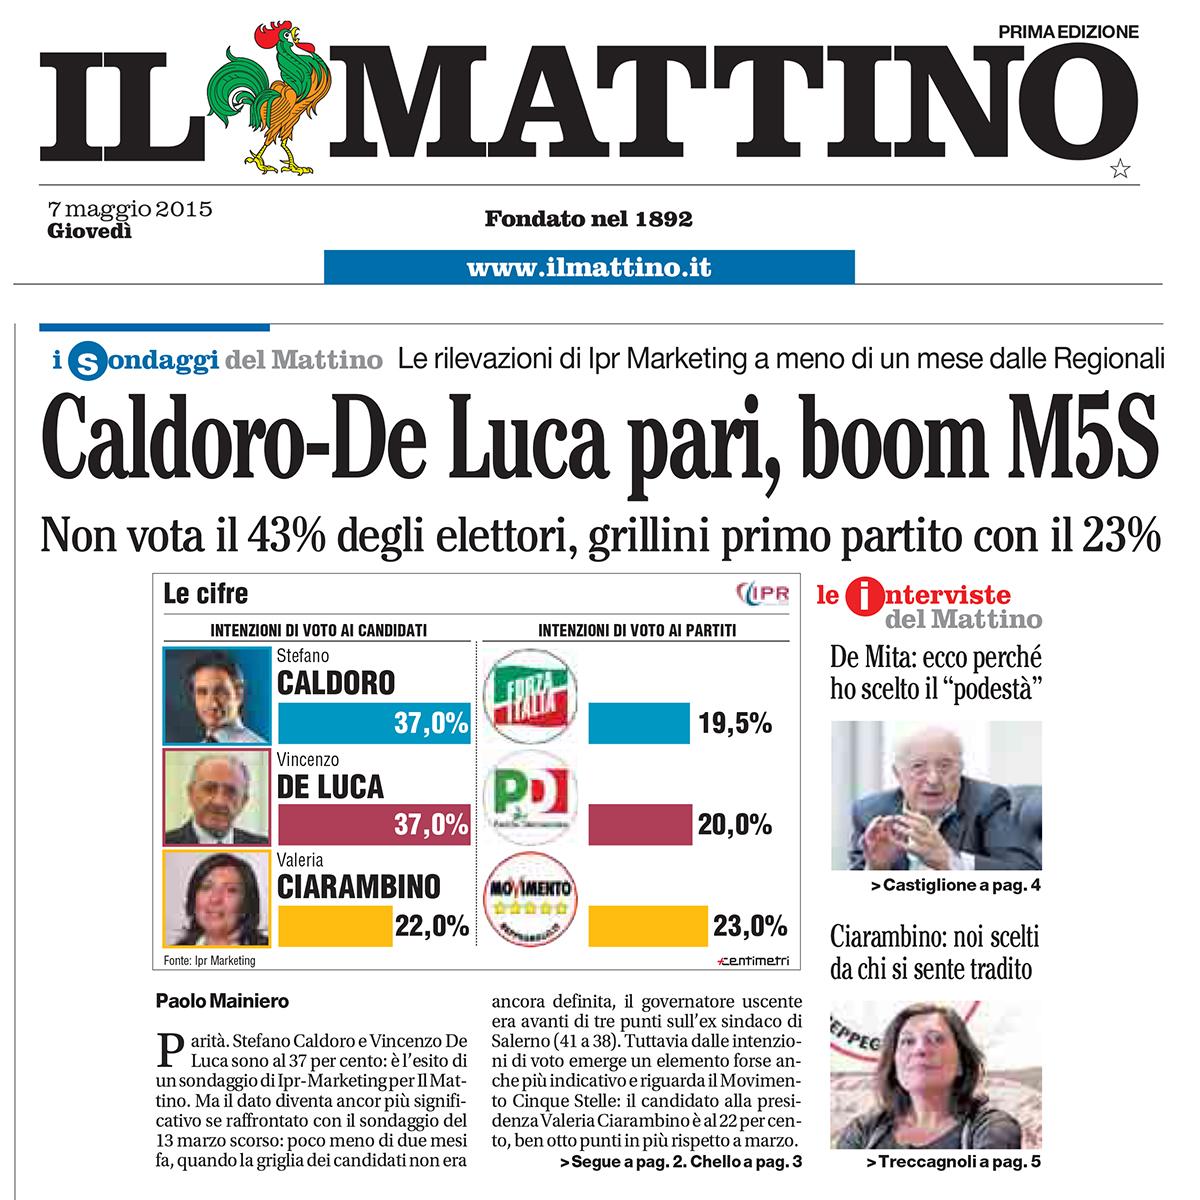 IL_MATTINO_07-05-2015_edt (1)